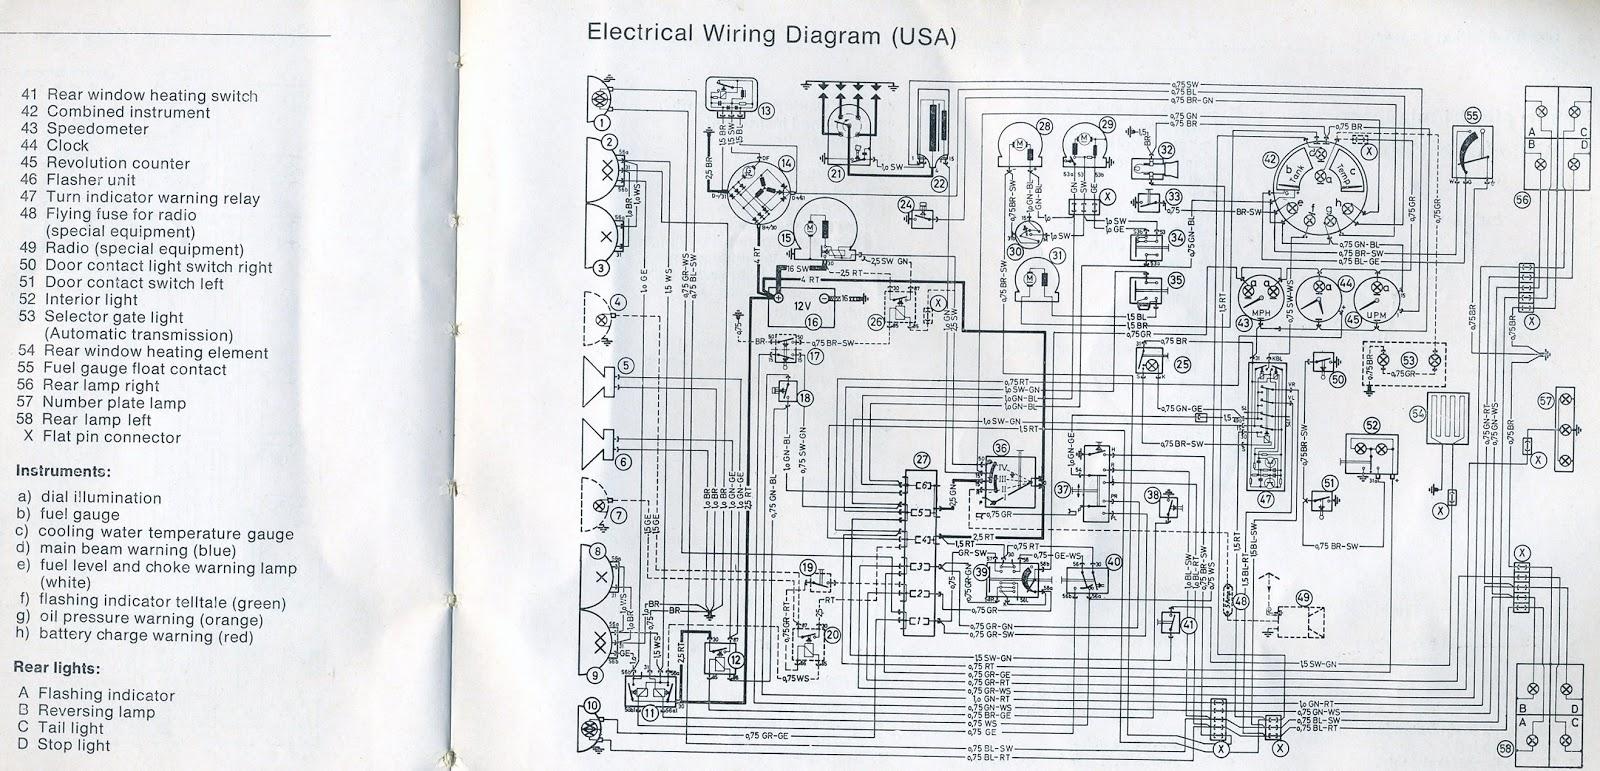 bmw m42 wiring diagram simple wiring schema bmw 535i xdrive wiring diagrams bmw m42 wiring diagram [ 1600 x 771 Pixel ]